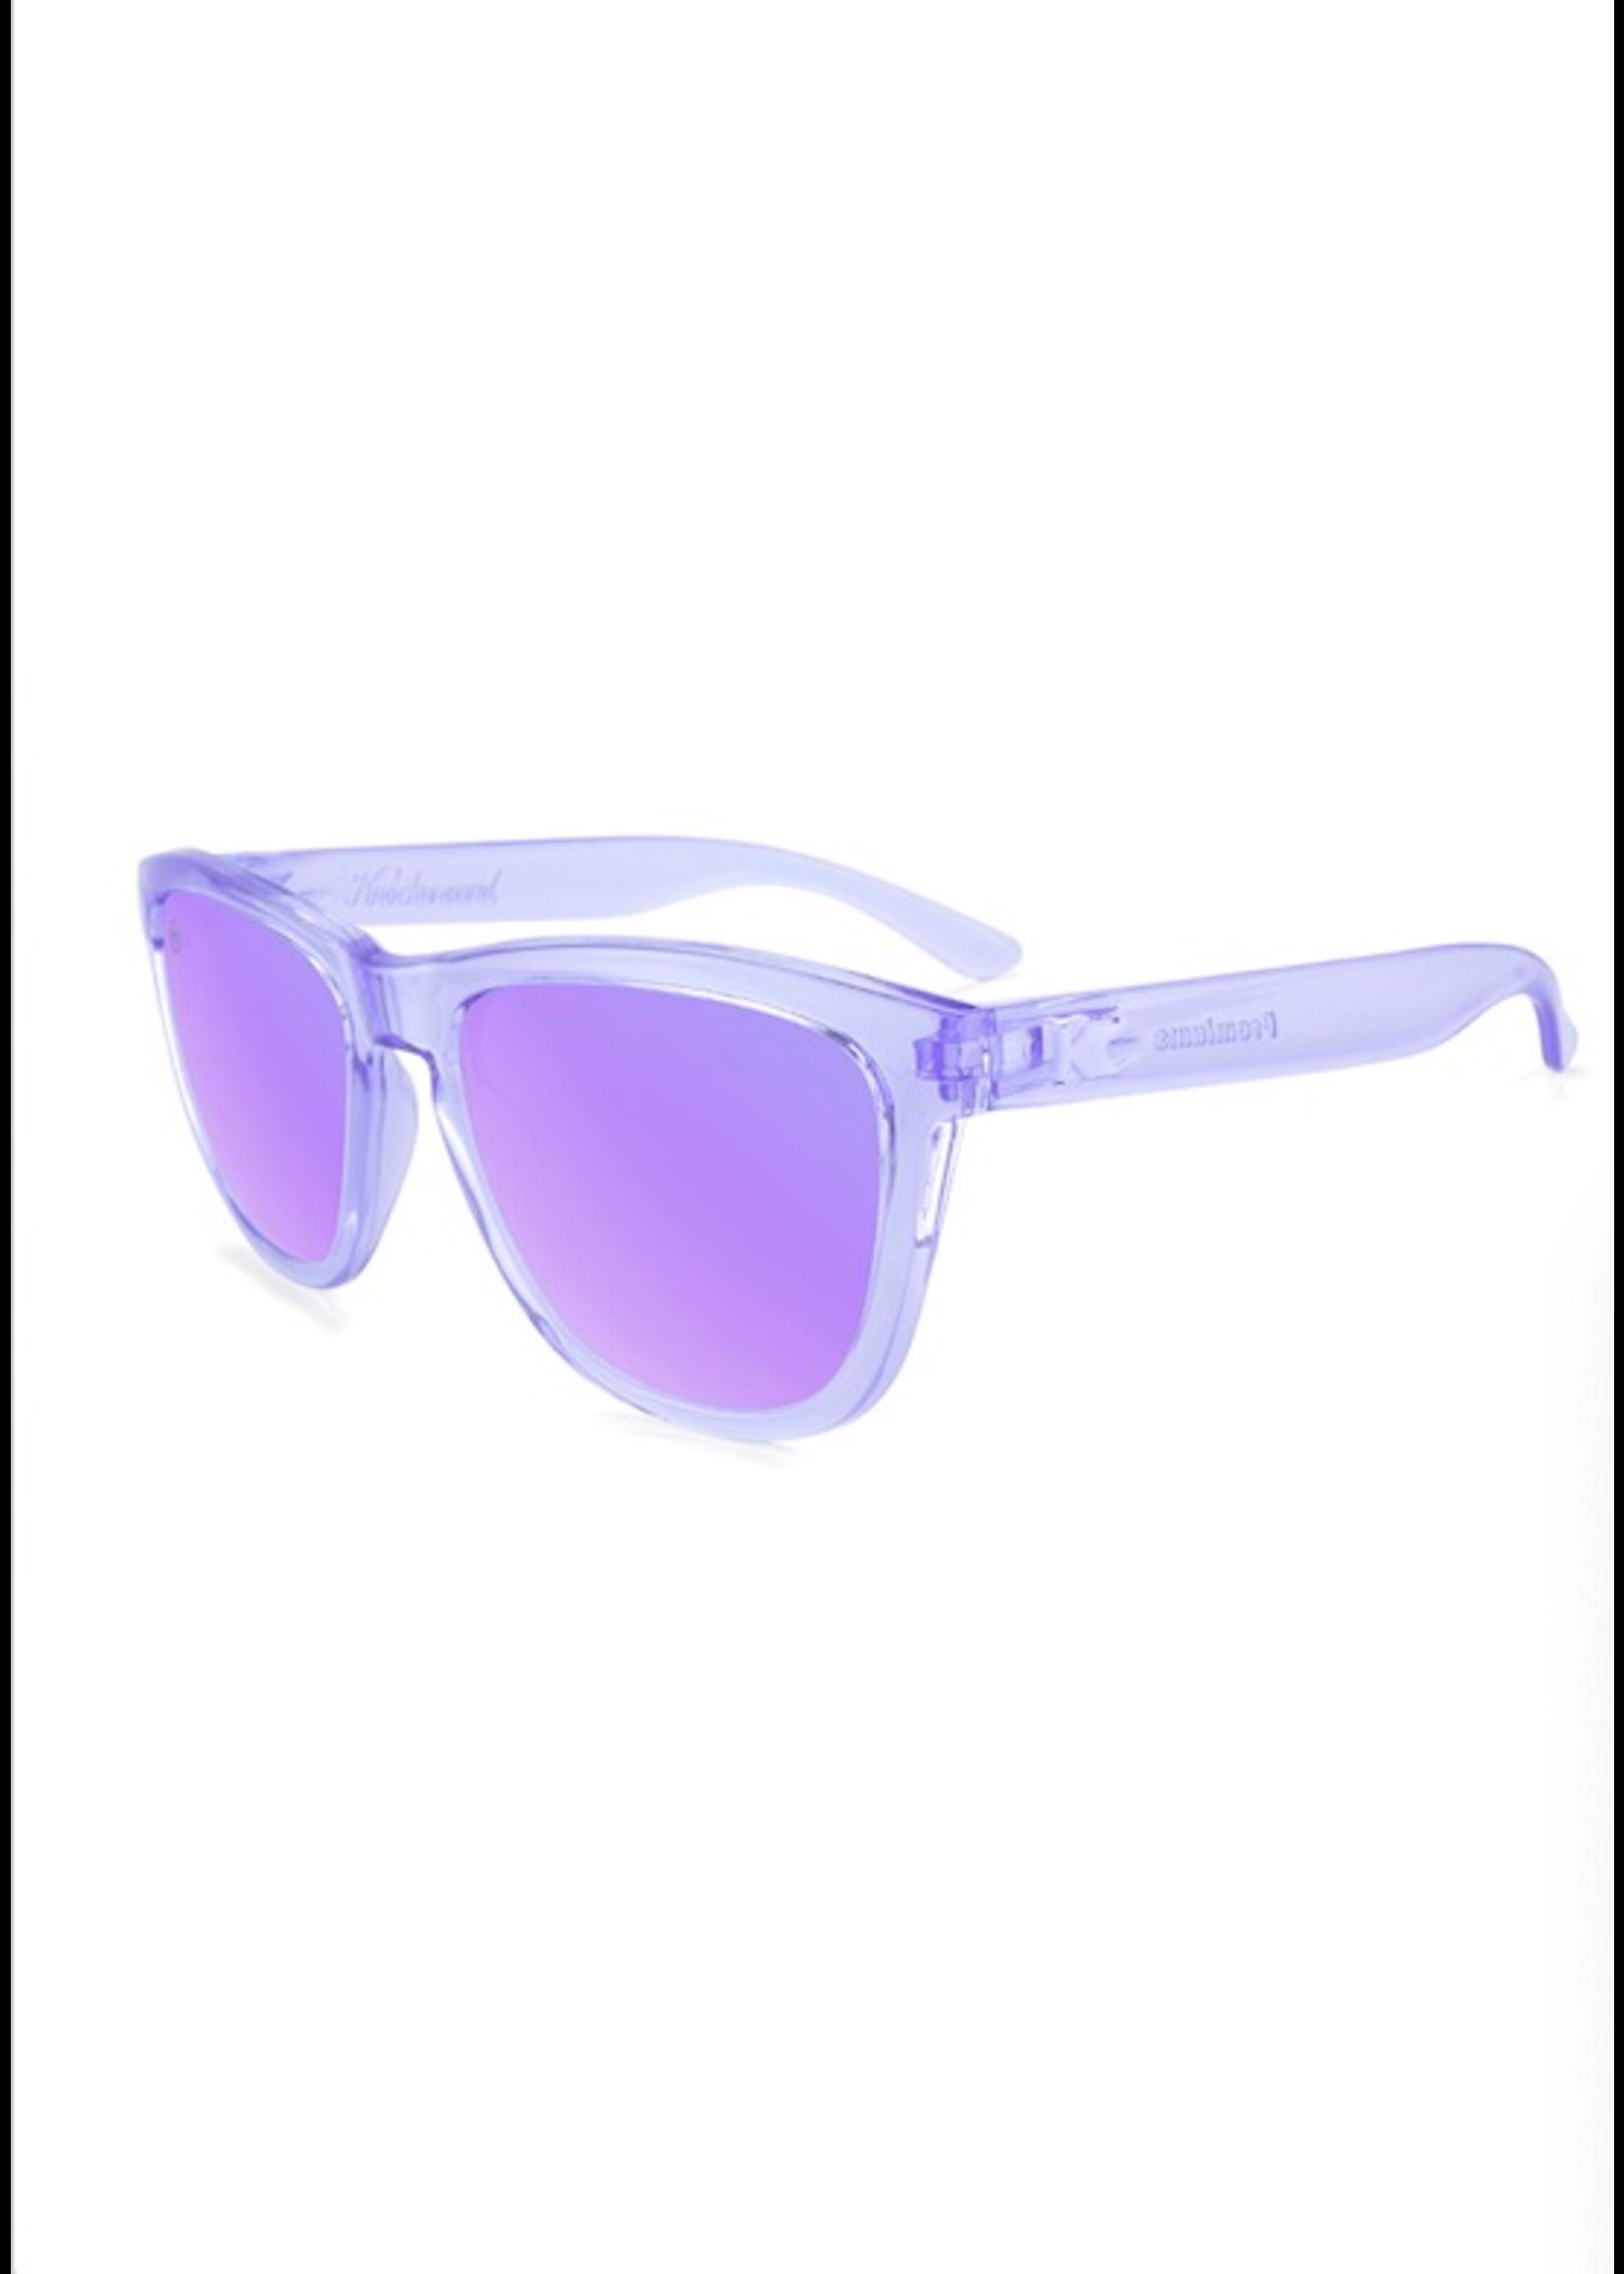 Knockaround Knockaround Premiums Lilac Monochrome